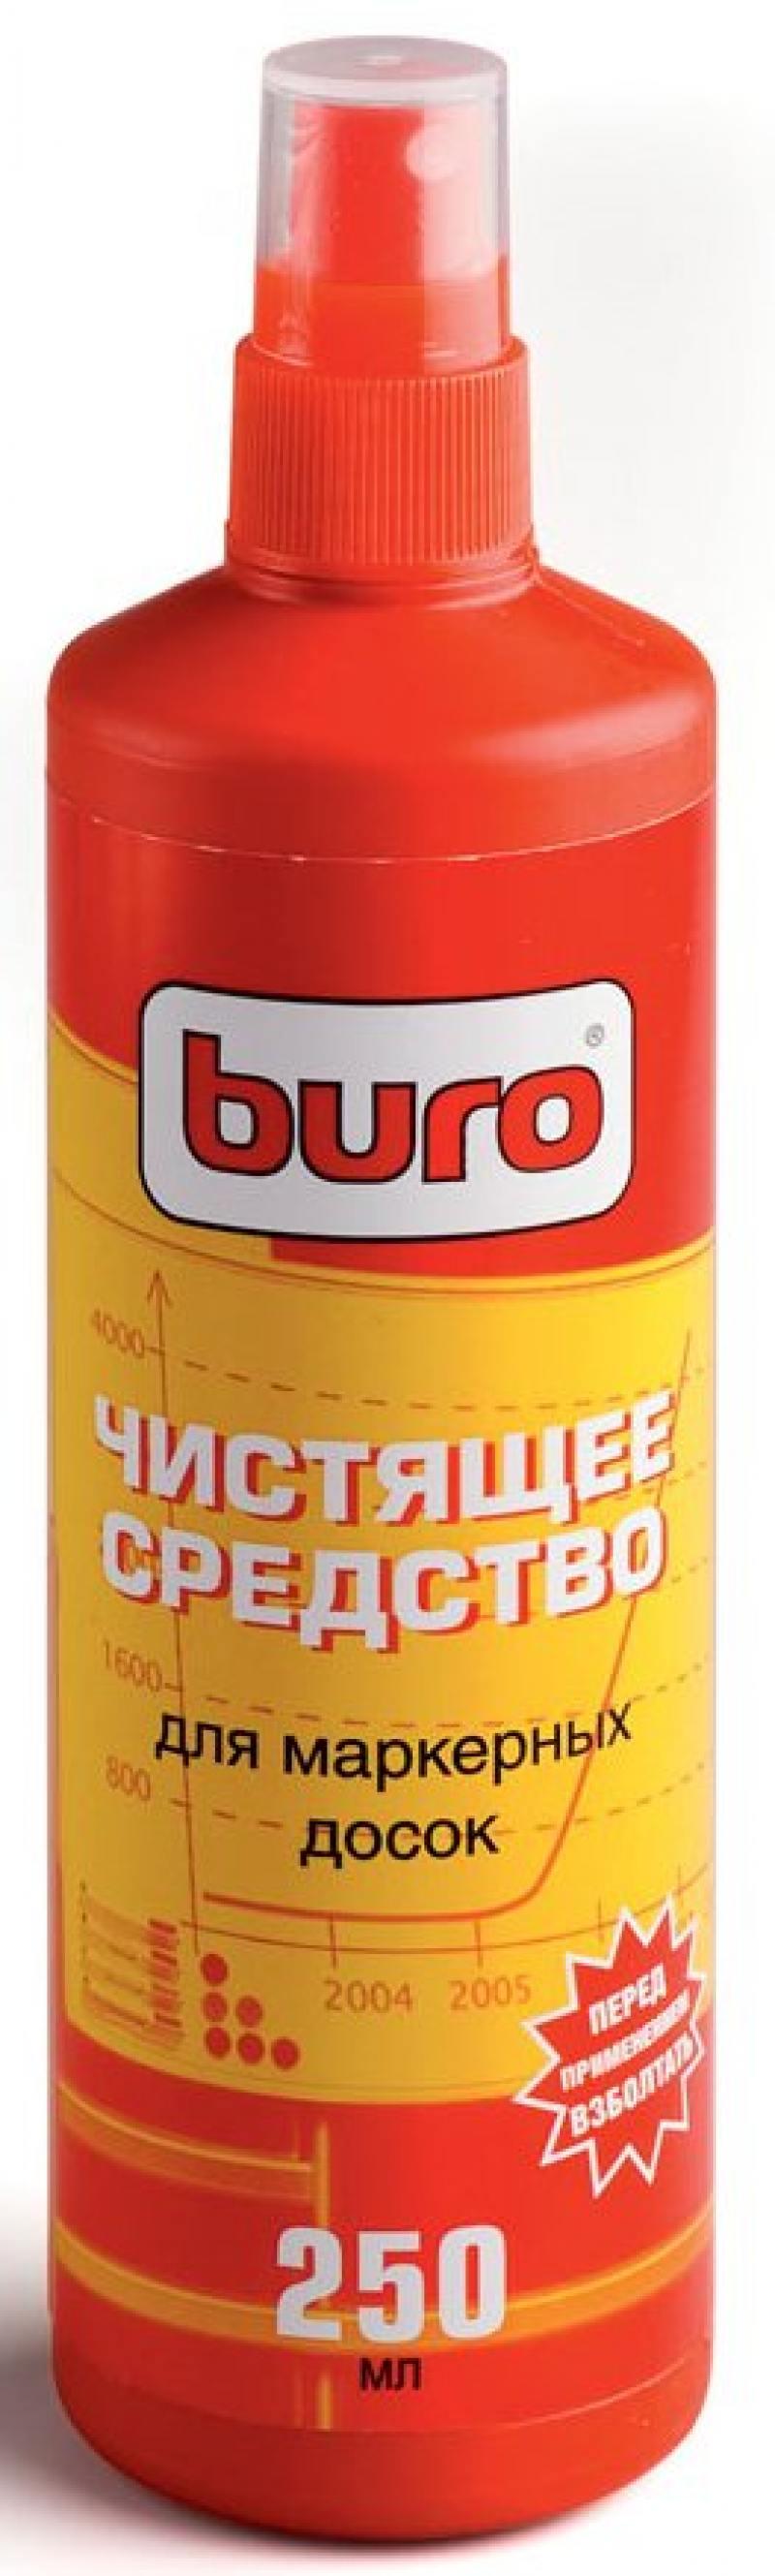 Чистящее средство Buro BU-Smark для очистки маркерных досок 250мл спрей buro bu snote для ноутбуков 250мл